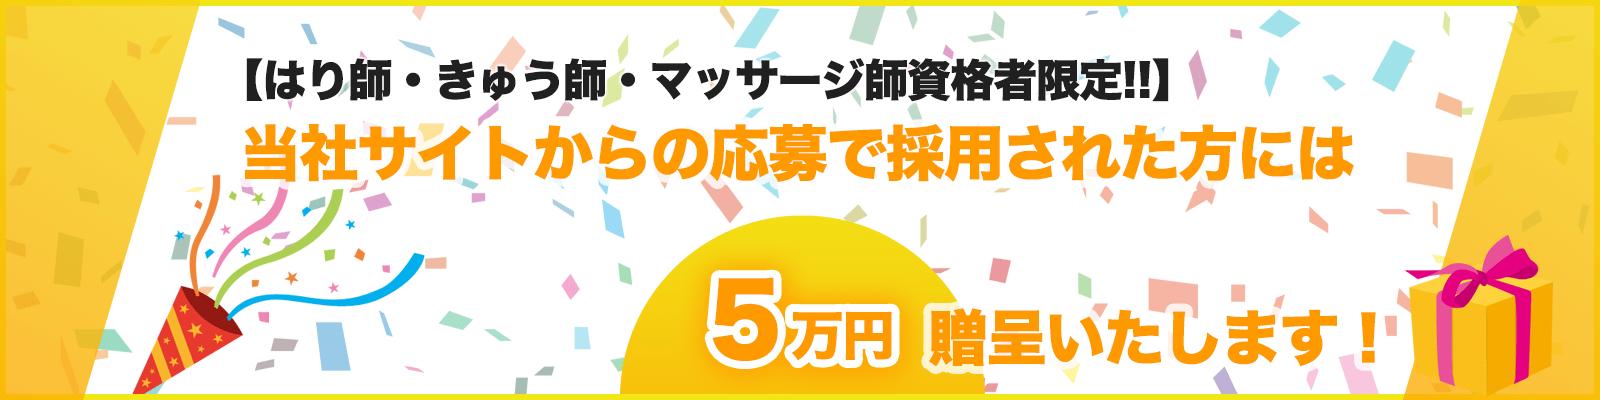 当社サイトからの応募で採用された方には5万円贈呈いたします!